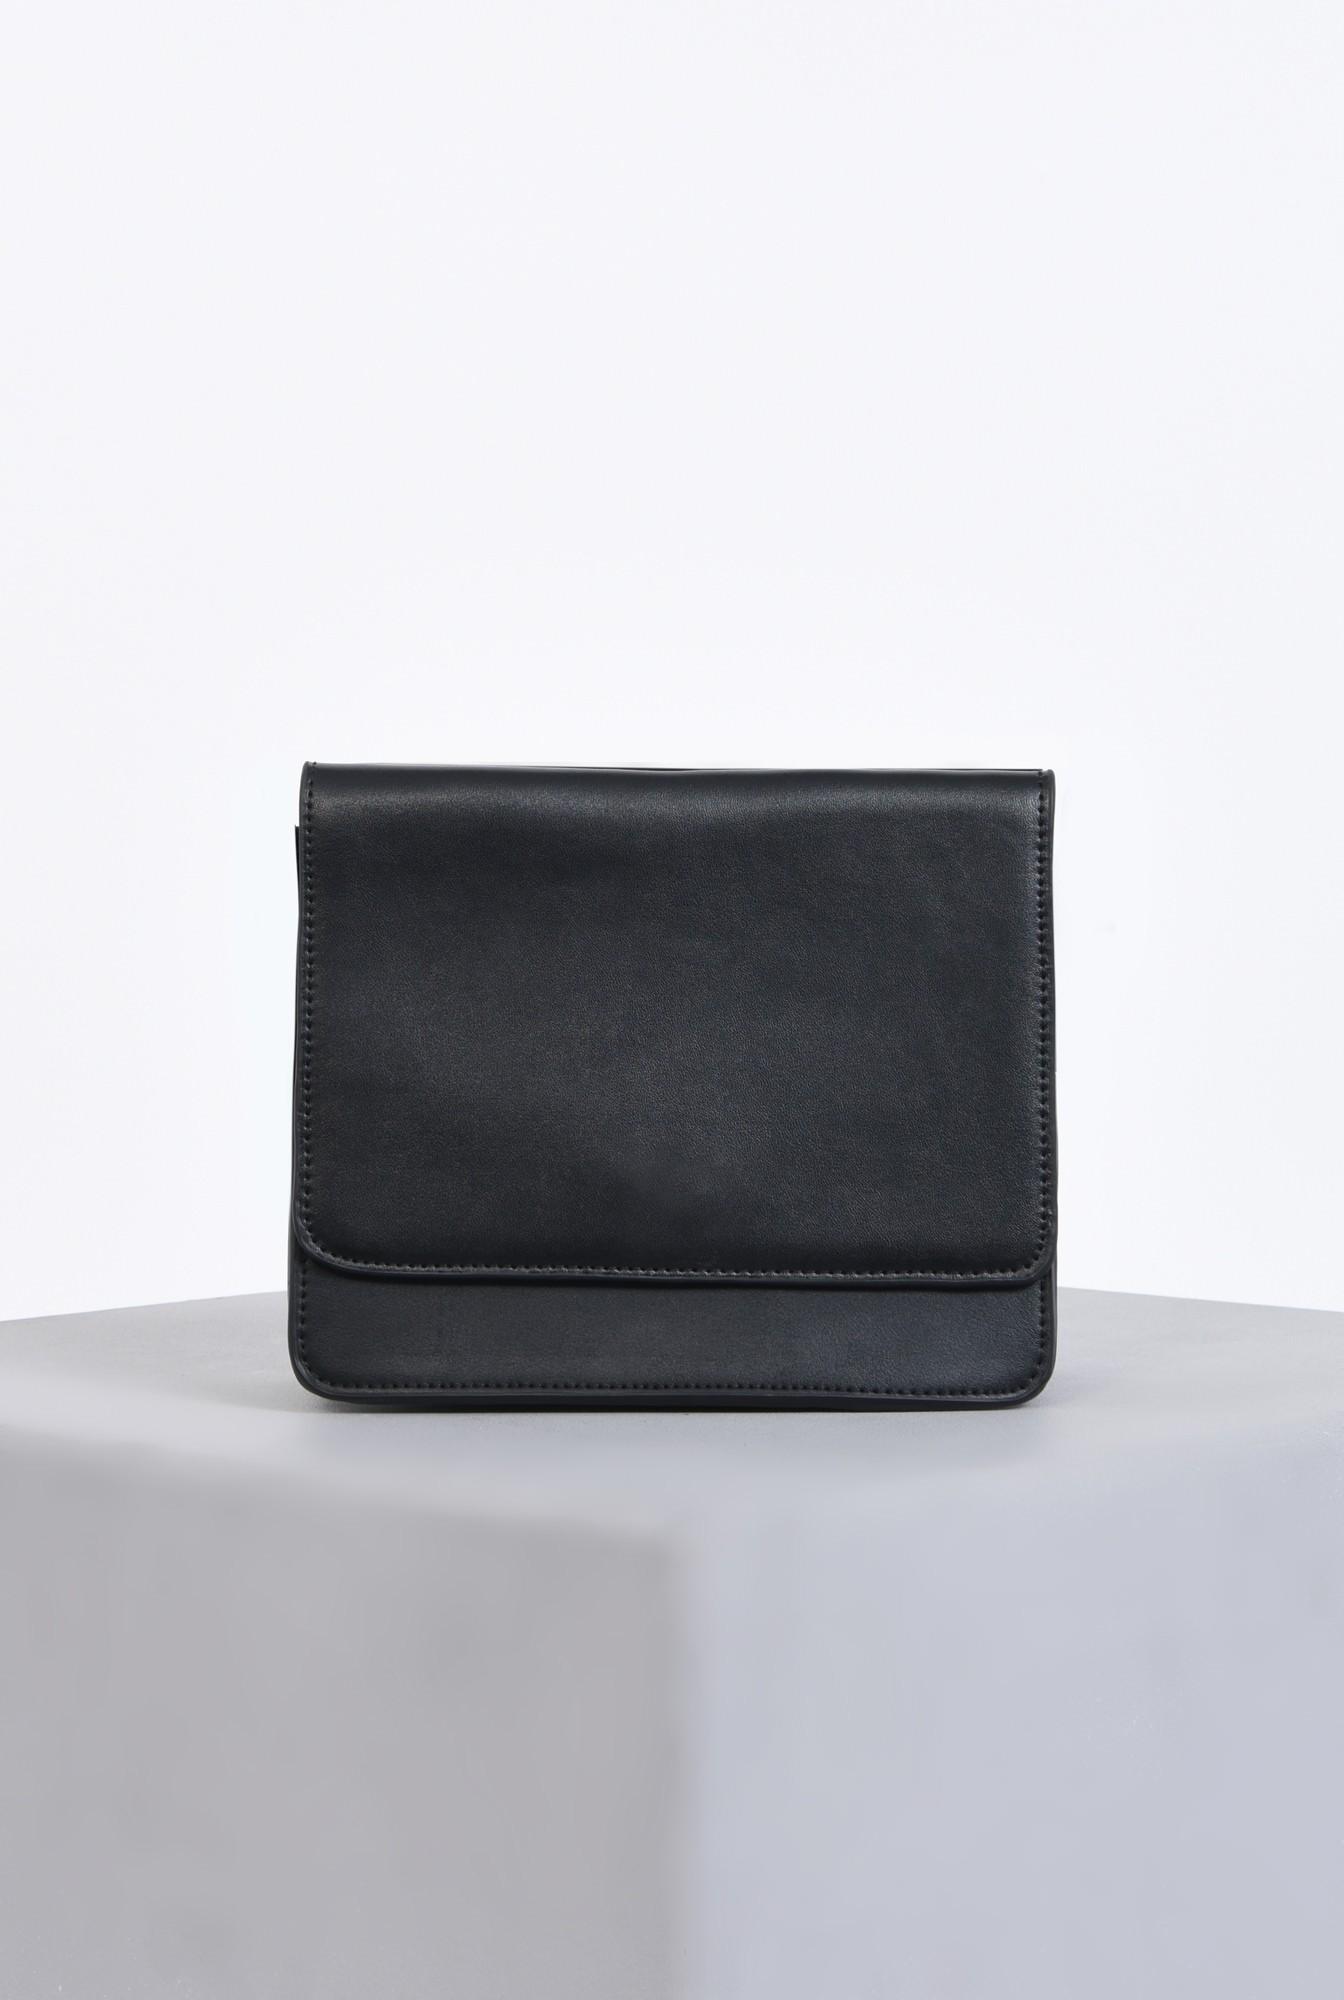 1 - geanta casual, negru, mini, accesorii